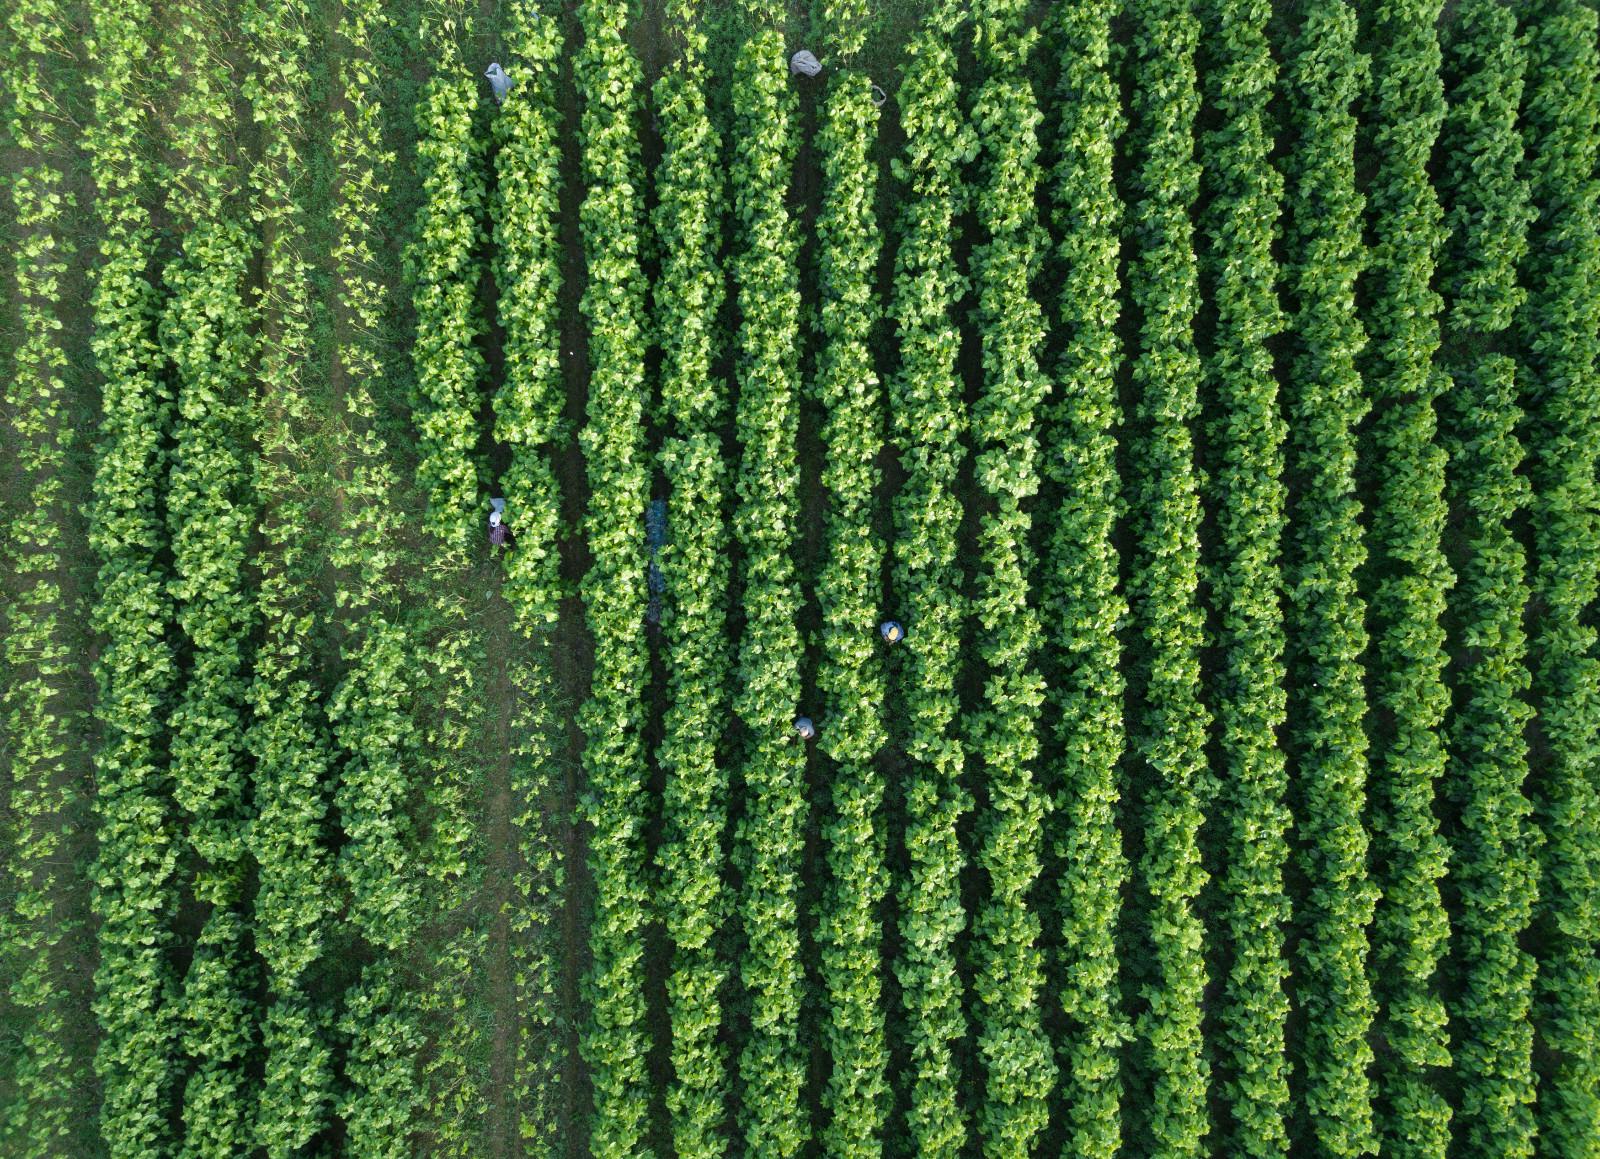 养蚕工人在下姜村采摘桑叶(5月9日无人机拍摄)。新华社记者 翁忻旸 摄